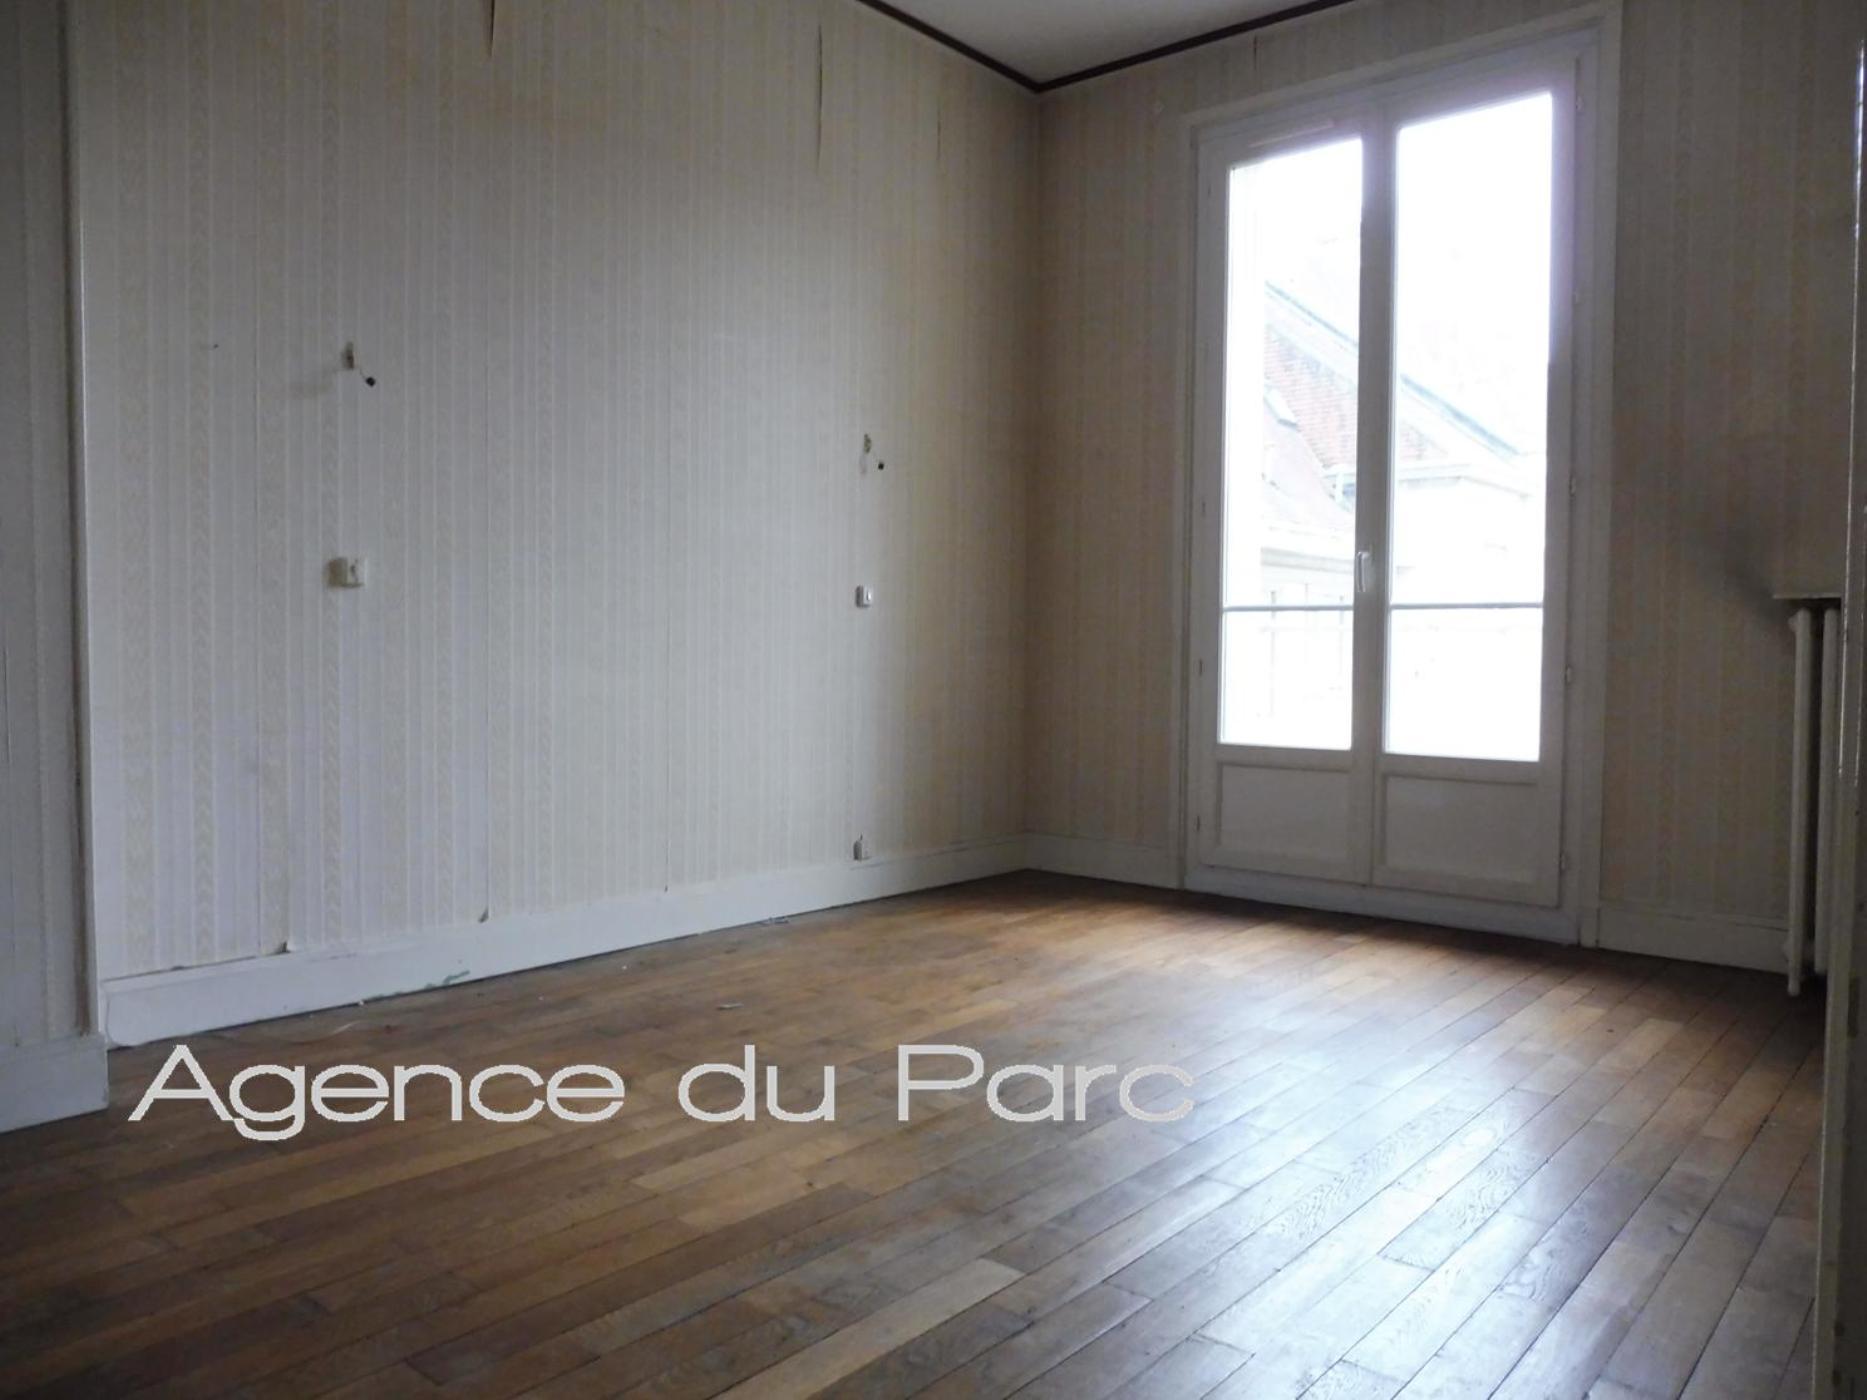 Acheter vente d 39 une maison de ville centre de caudebec en for Acheter une maison par agence immobiliere